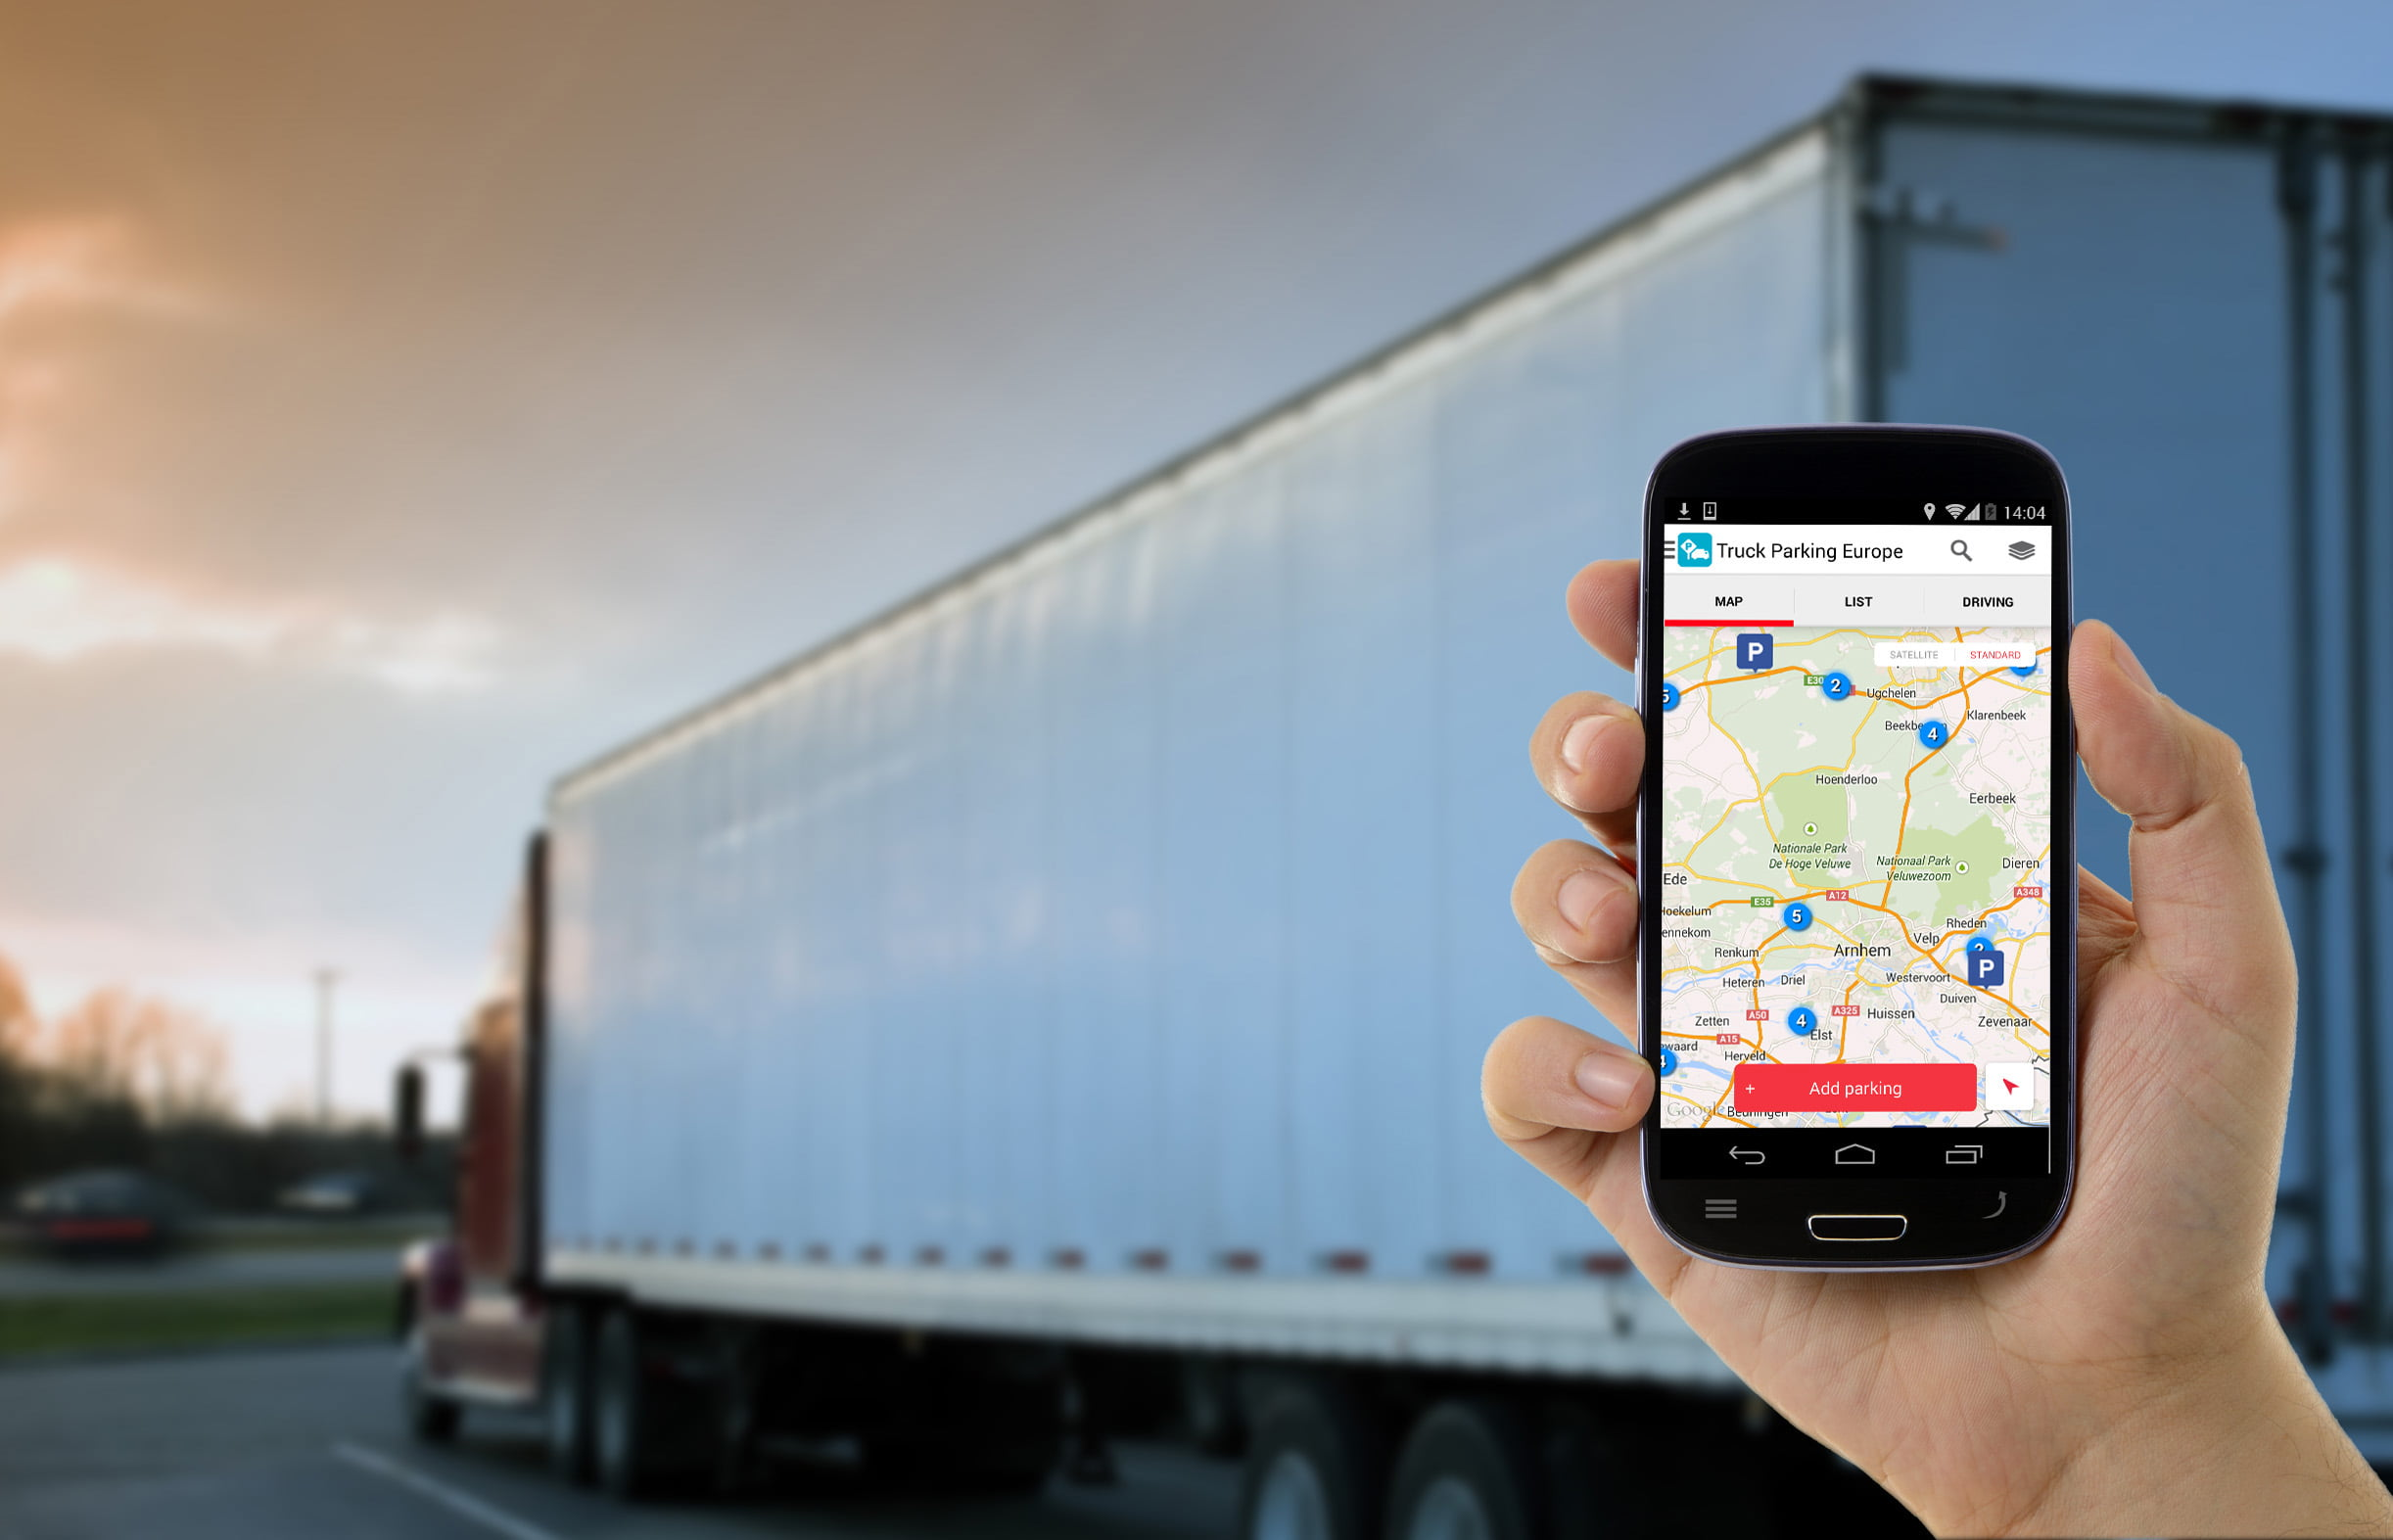 برترین استارتاپ های مبادله و اجاره در زمینه حمل و نقل و خدمات را بشناسیم